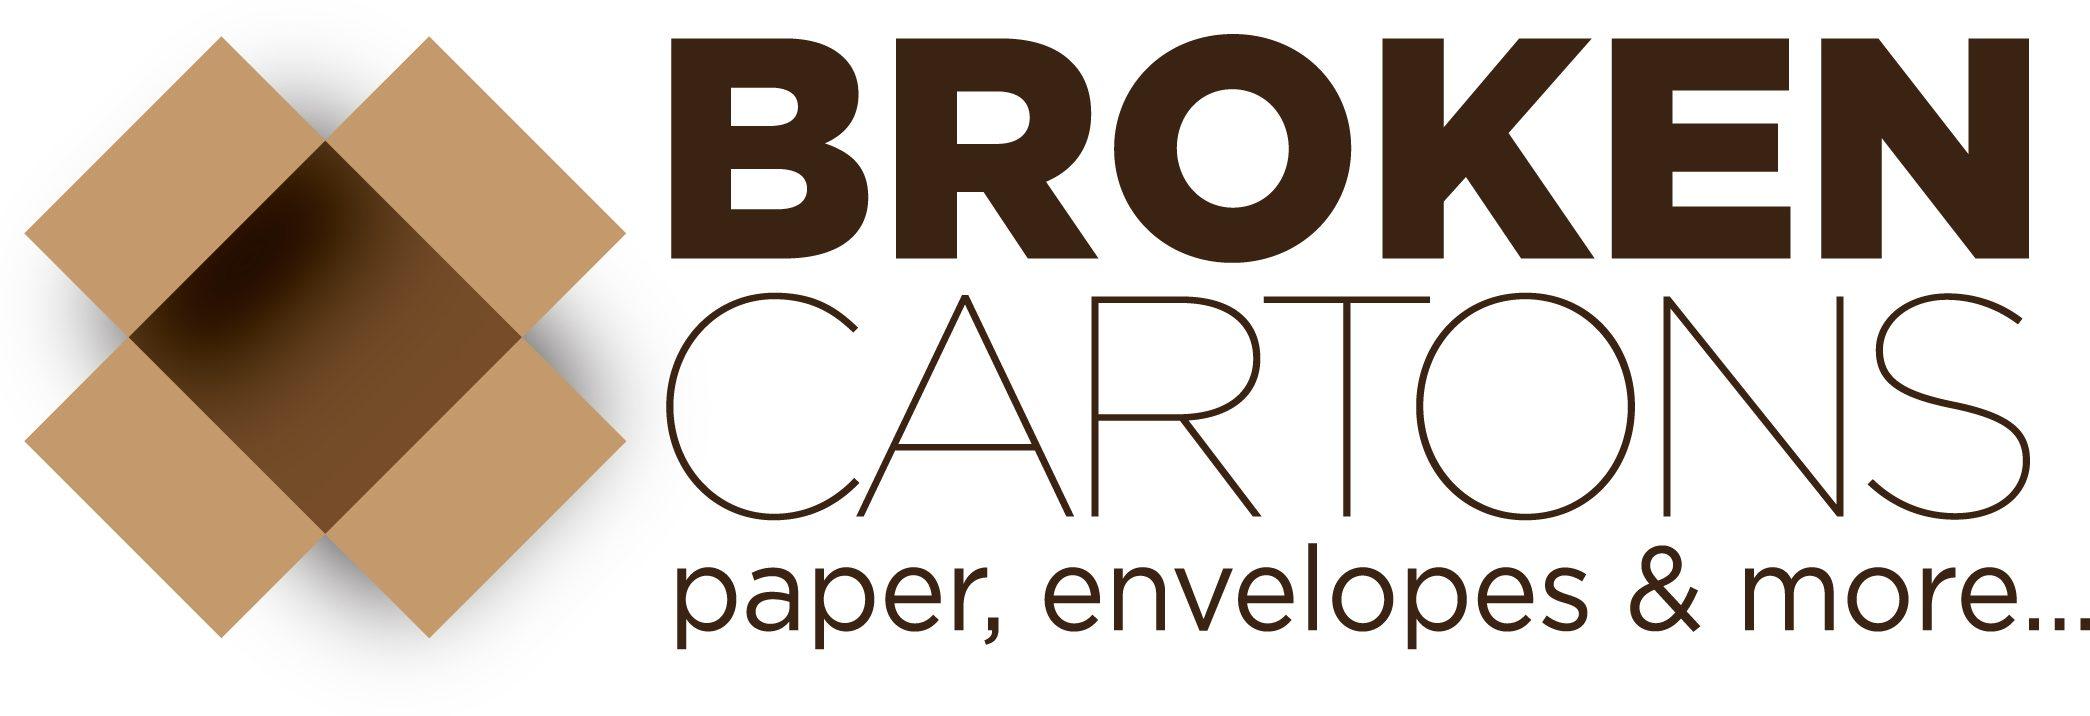 BrokenCartons